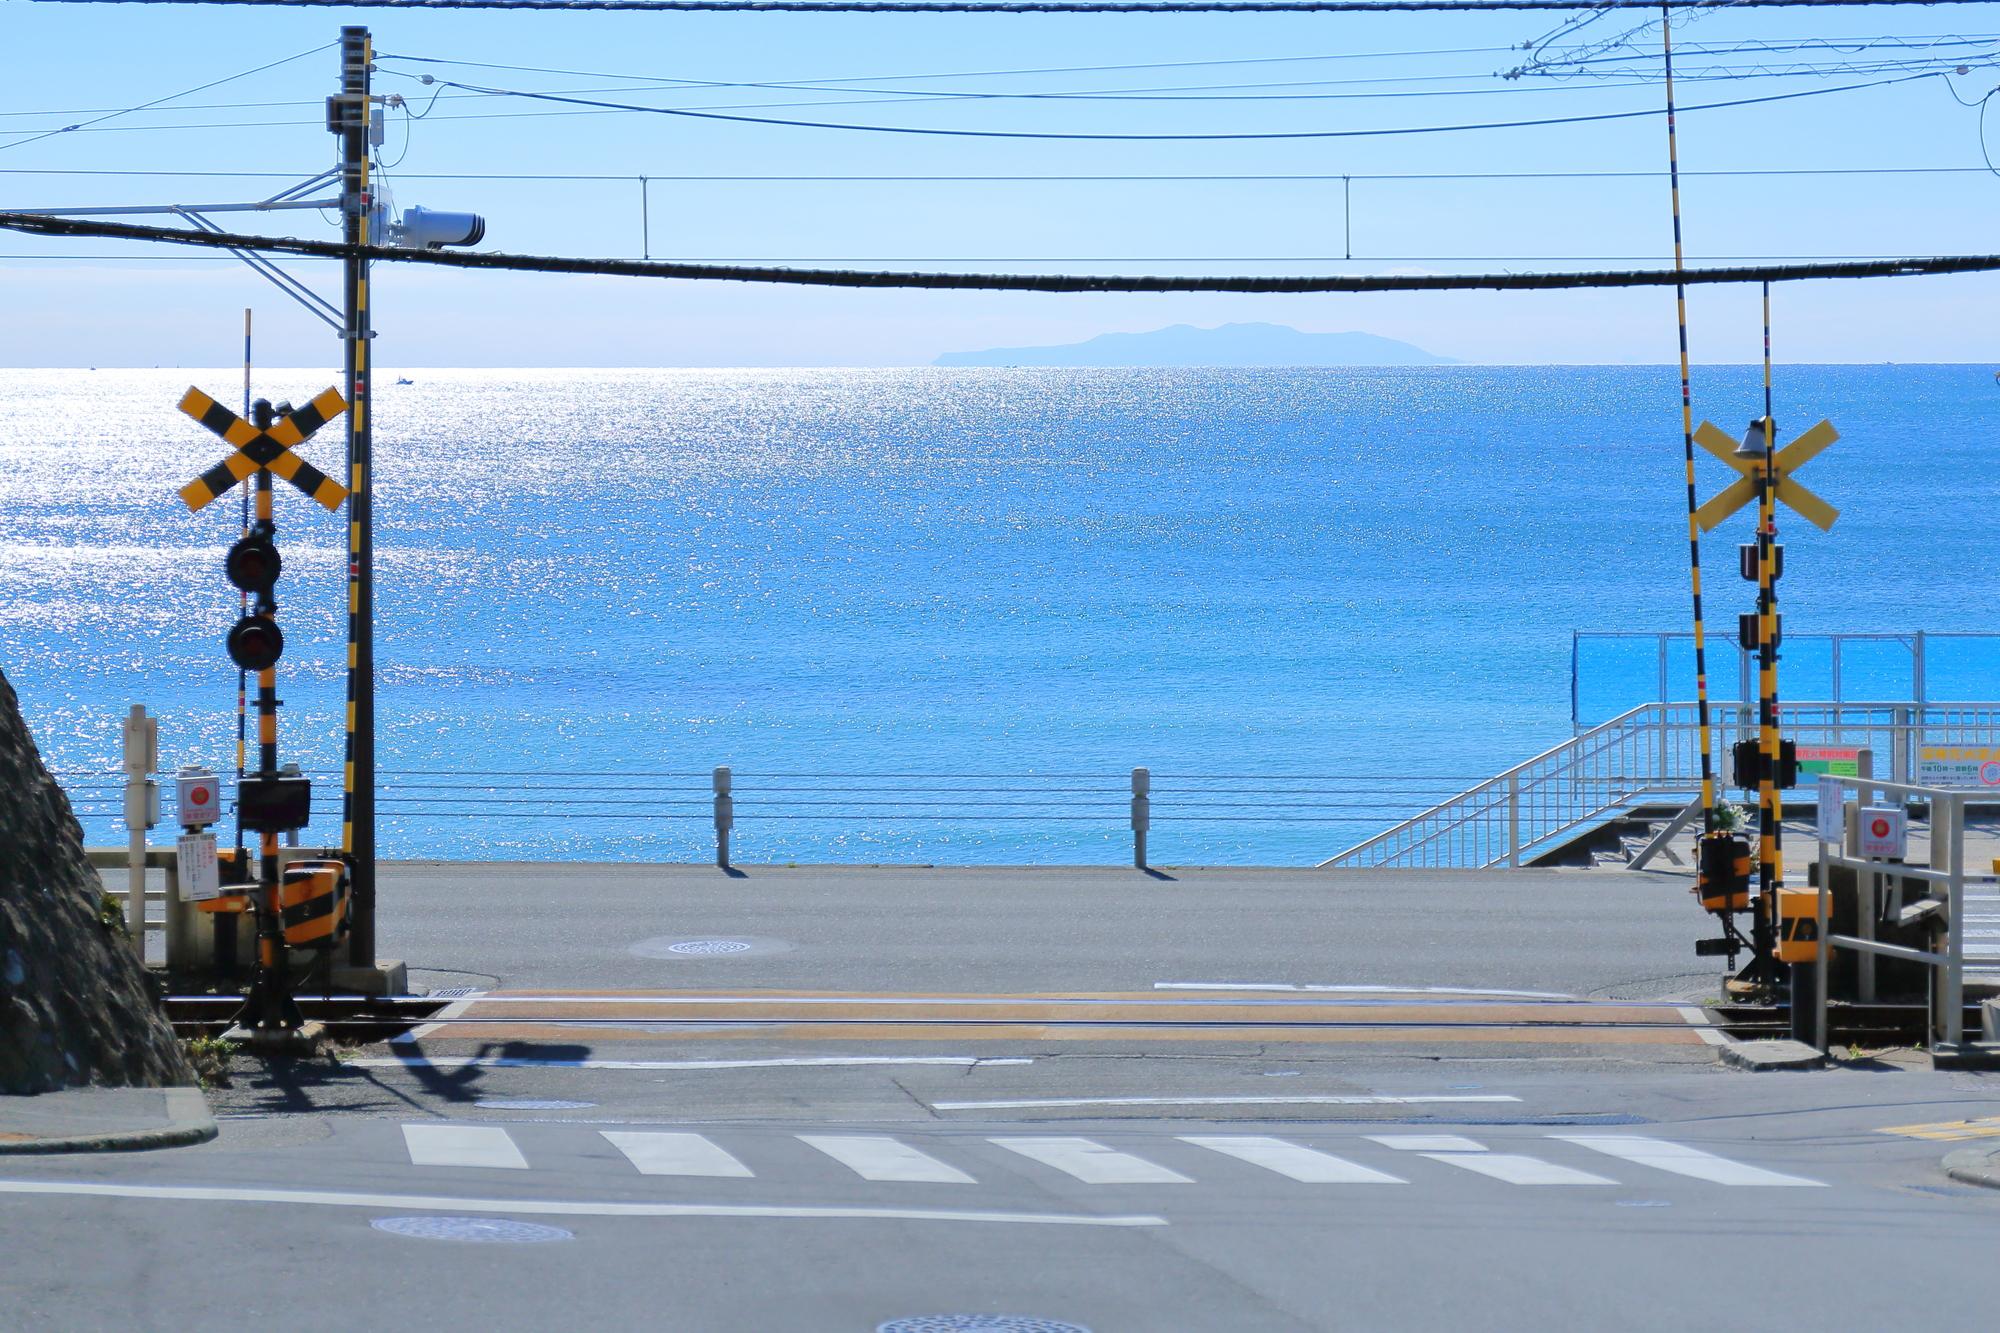 江ノ島電鉄七里ヶ浜駅の踏切/七里ヶ浜(神奈川県/鎌倉市)